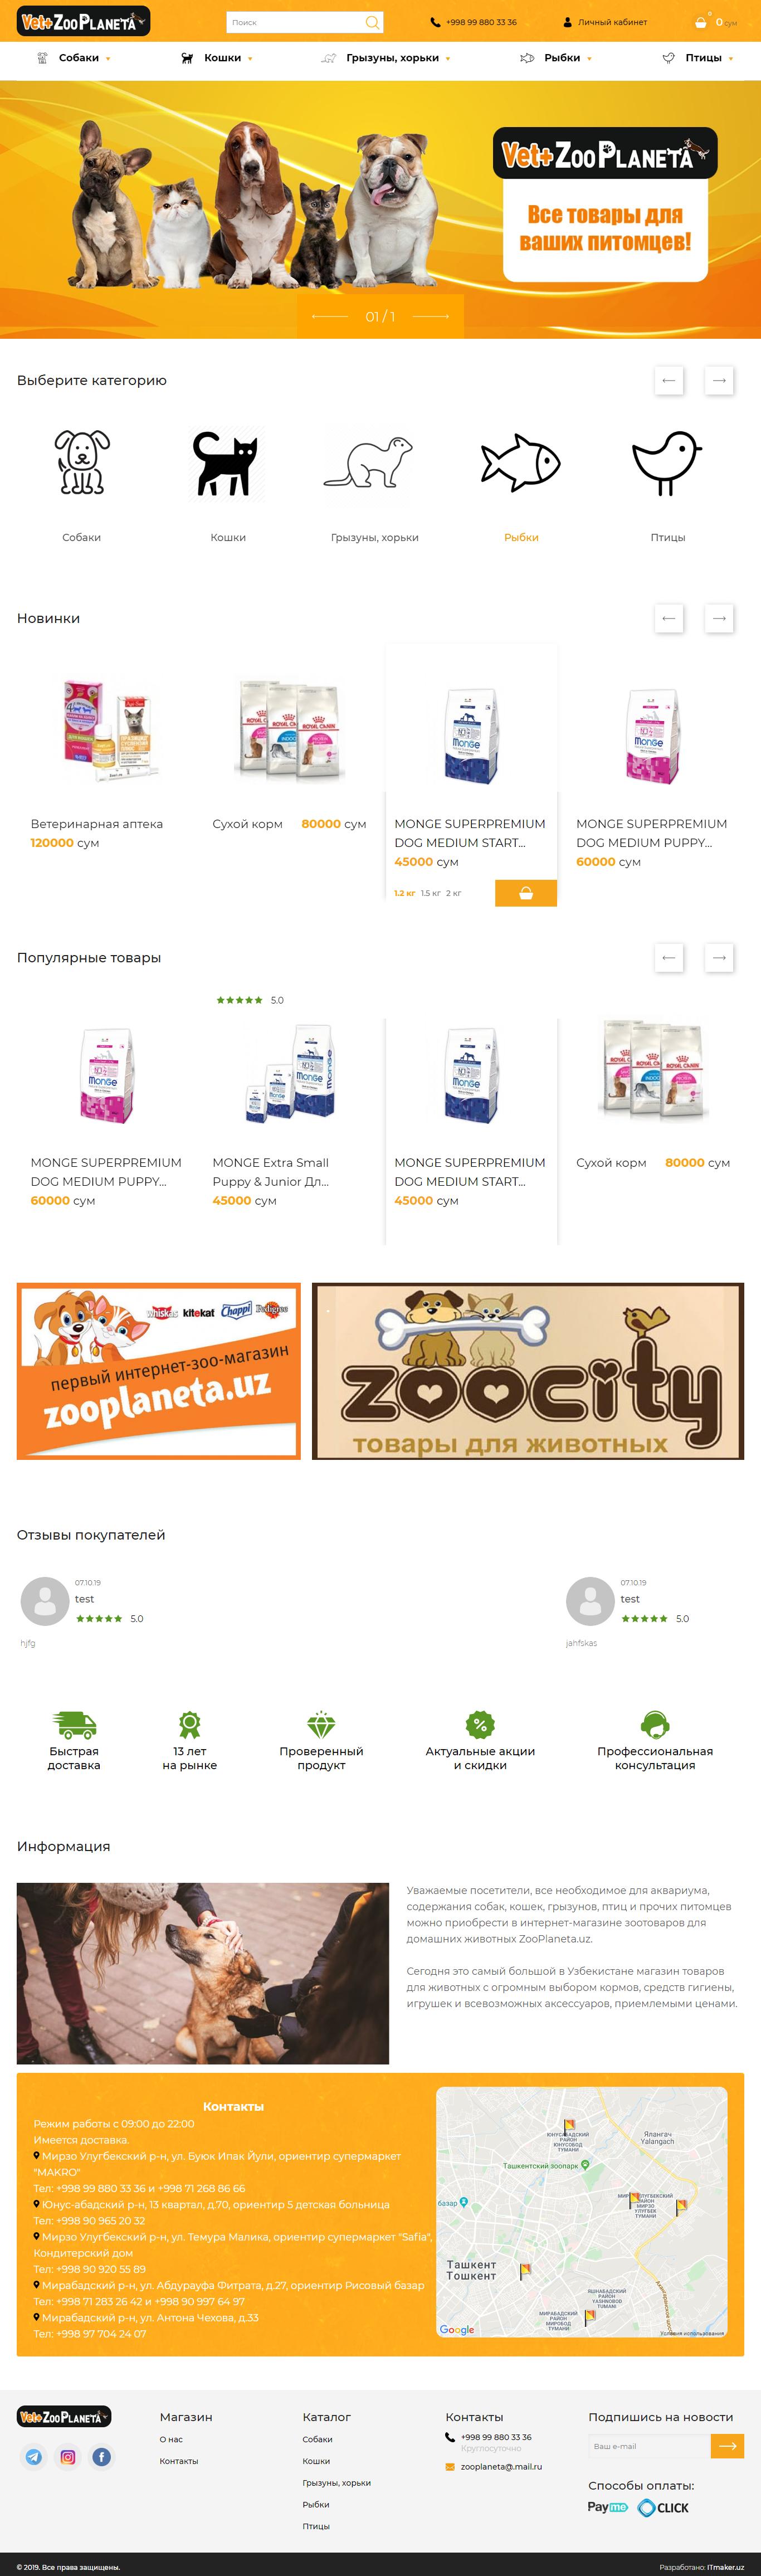 Zoo planeta - интернет магазин товаров для животных